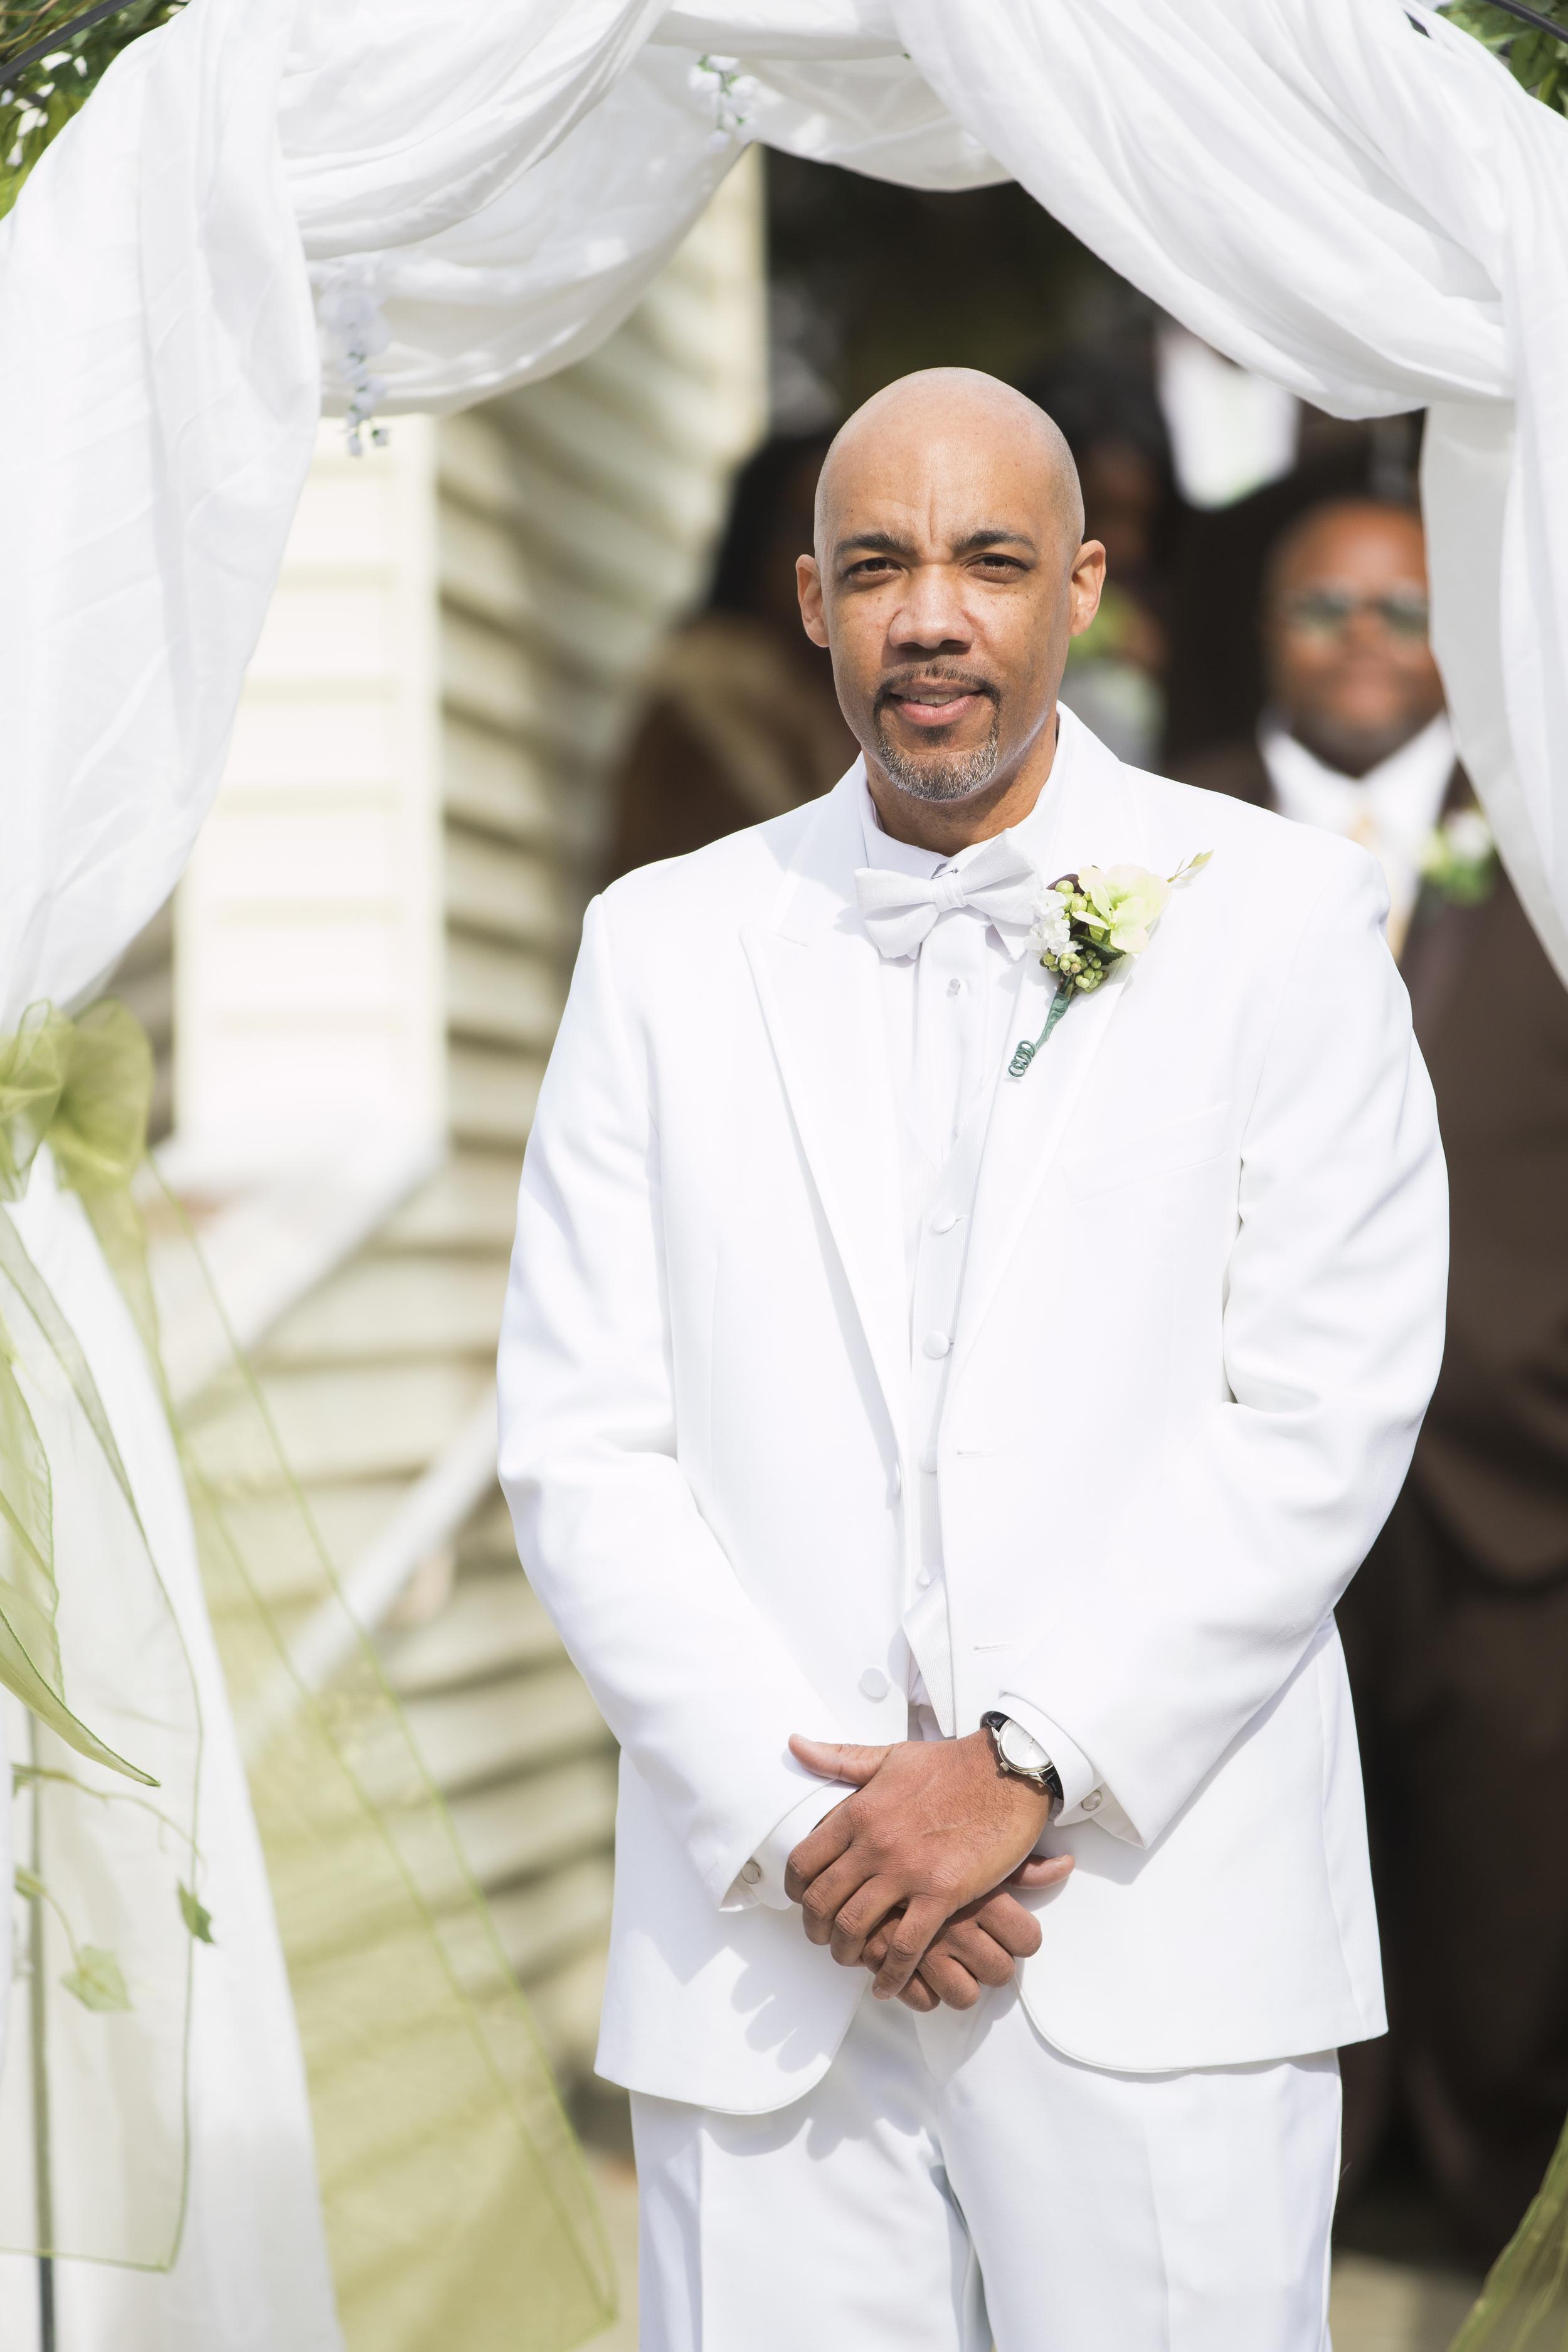 Groom at Wedding in Garner, NC